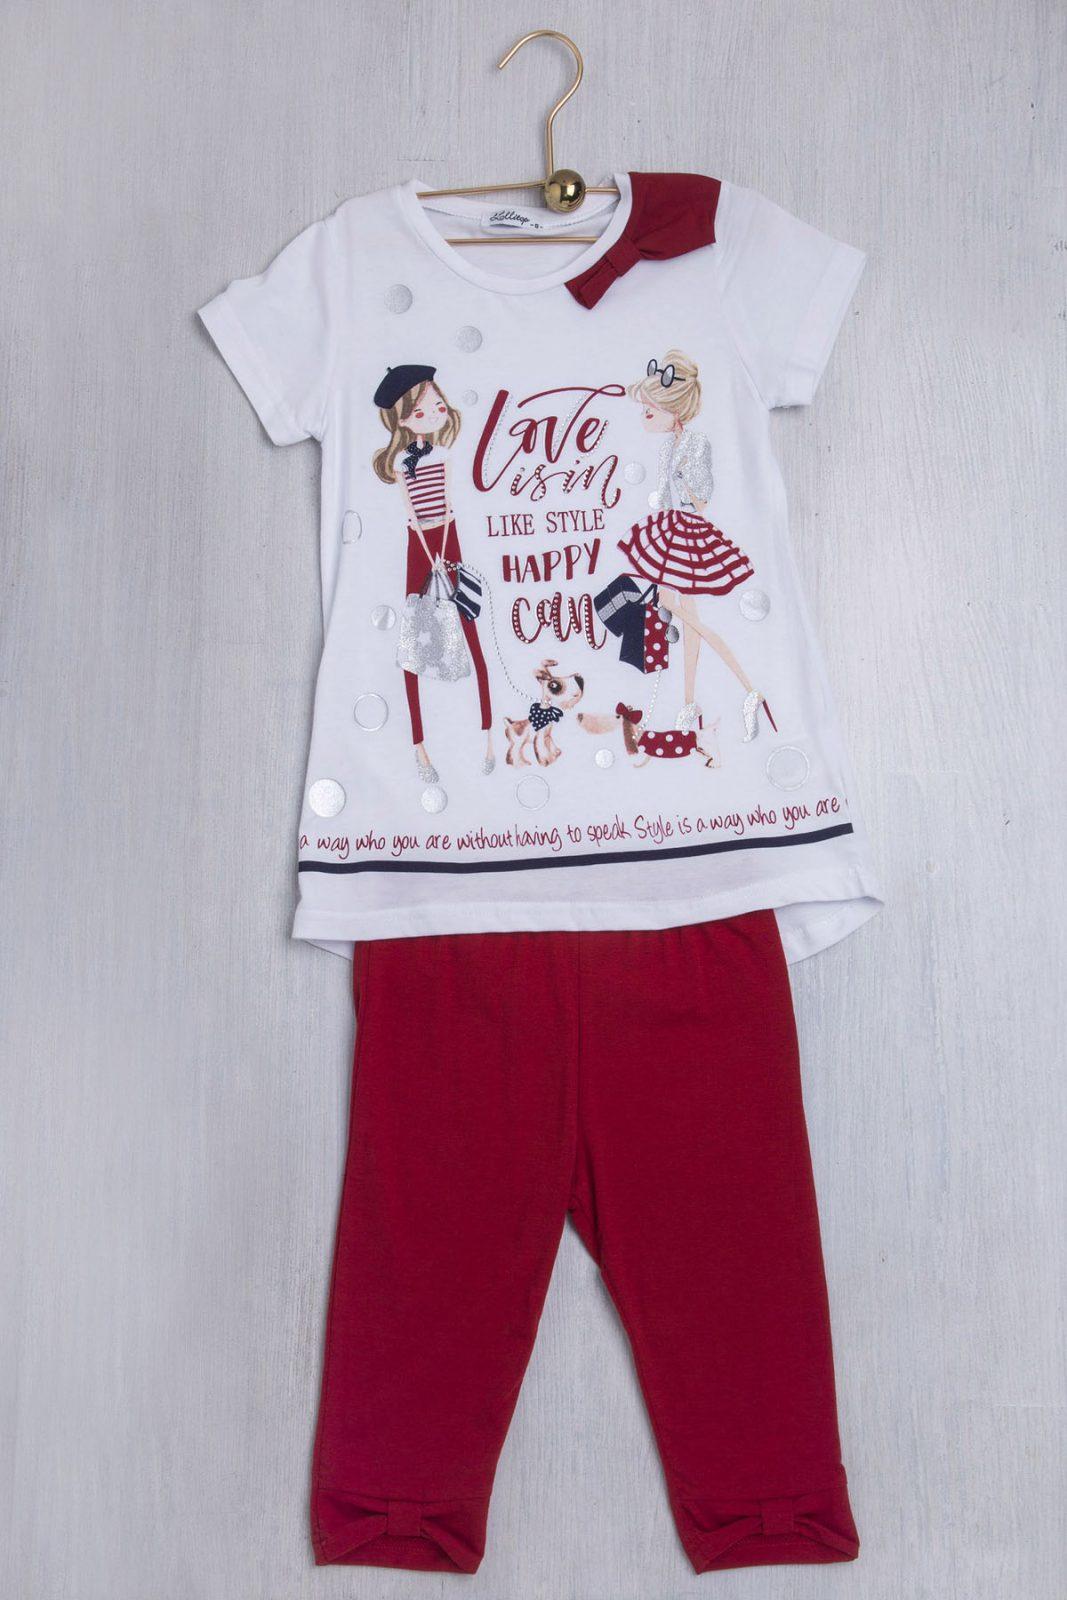 Σετ μπλούζα κοντομάνικη   κολάν κάπρι - Ersas Παιδικά 973a1a85f05